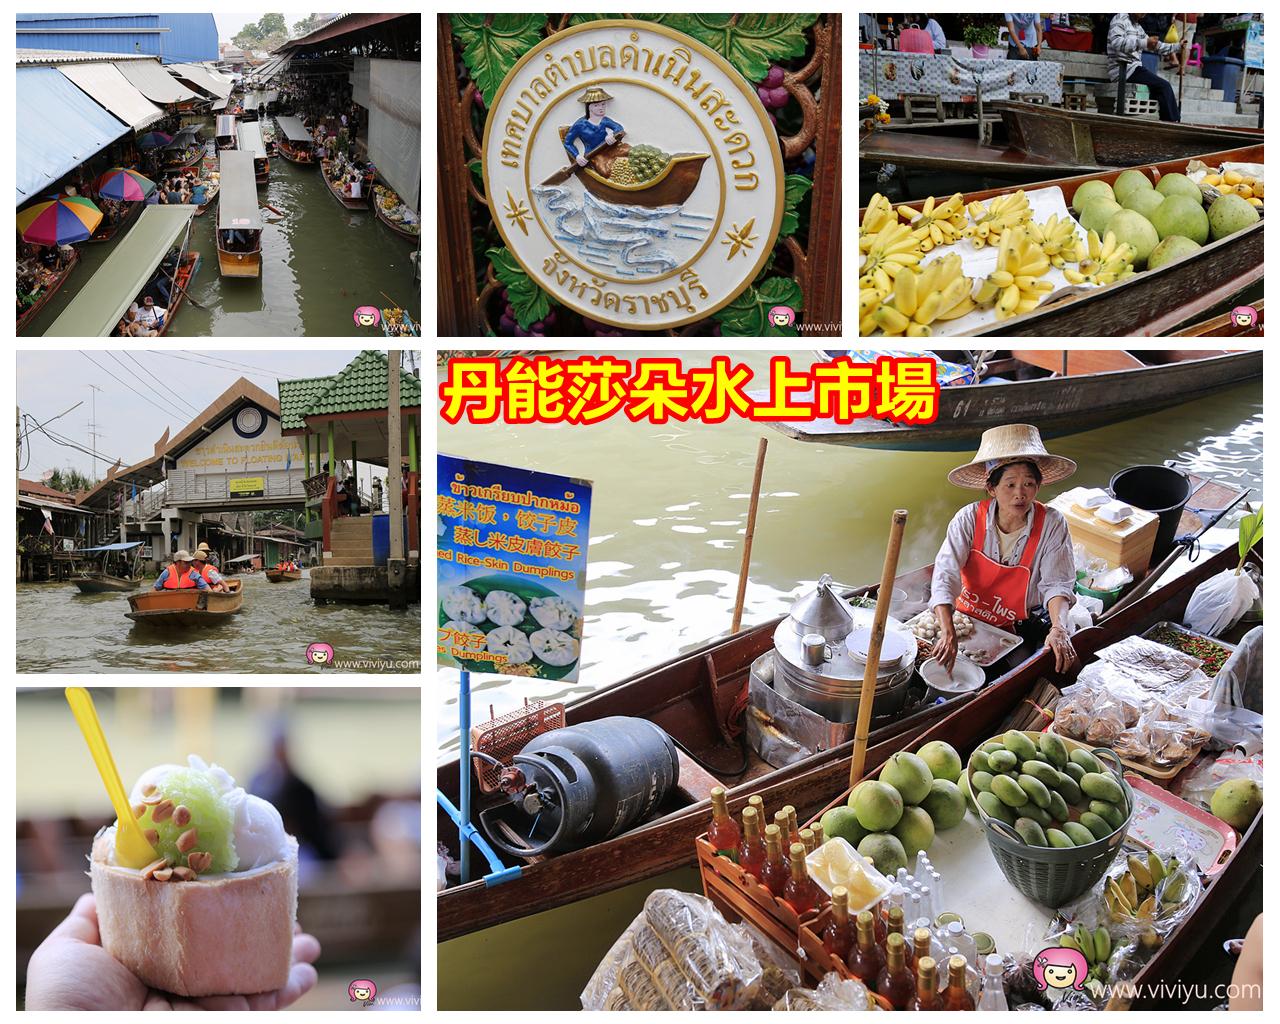 延伸閱讀:[泰國.景點]丹能莎朵水上市場.手搖船逛大街~觀光客的最愛.知名電影取景處